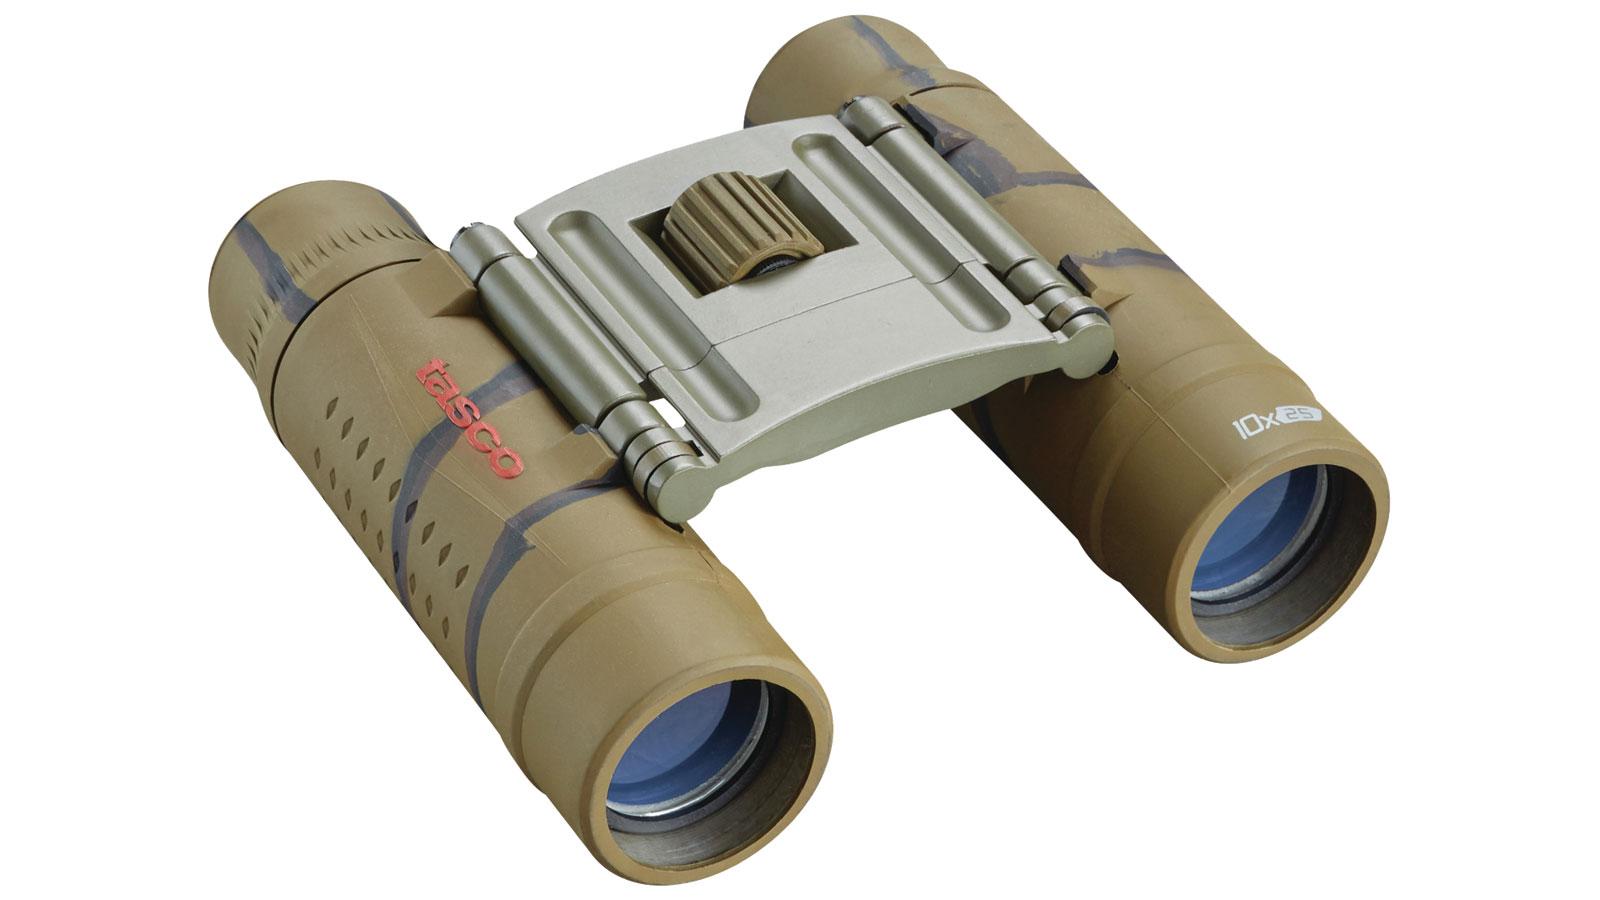 Tasco 168125B Essentials Binoculars 10X25 Brown Camo Roof Mc, Box, 6L